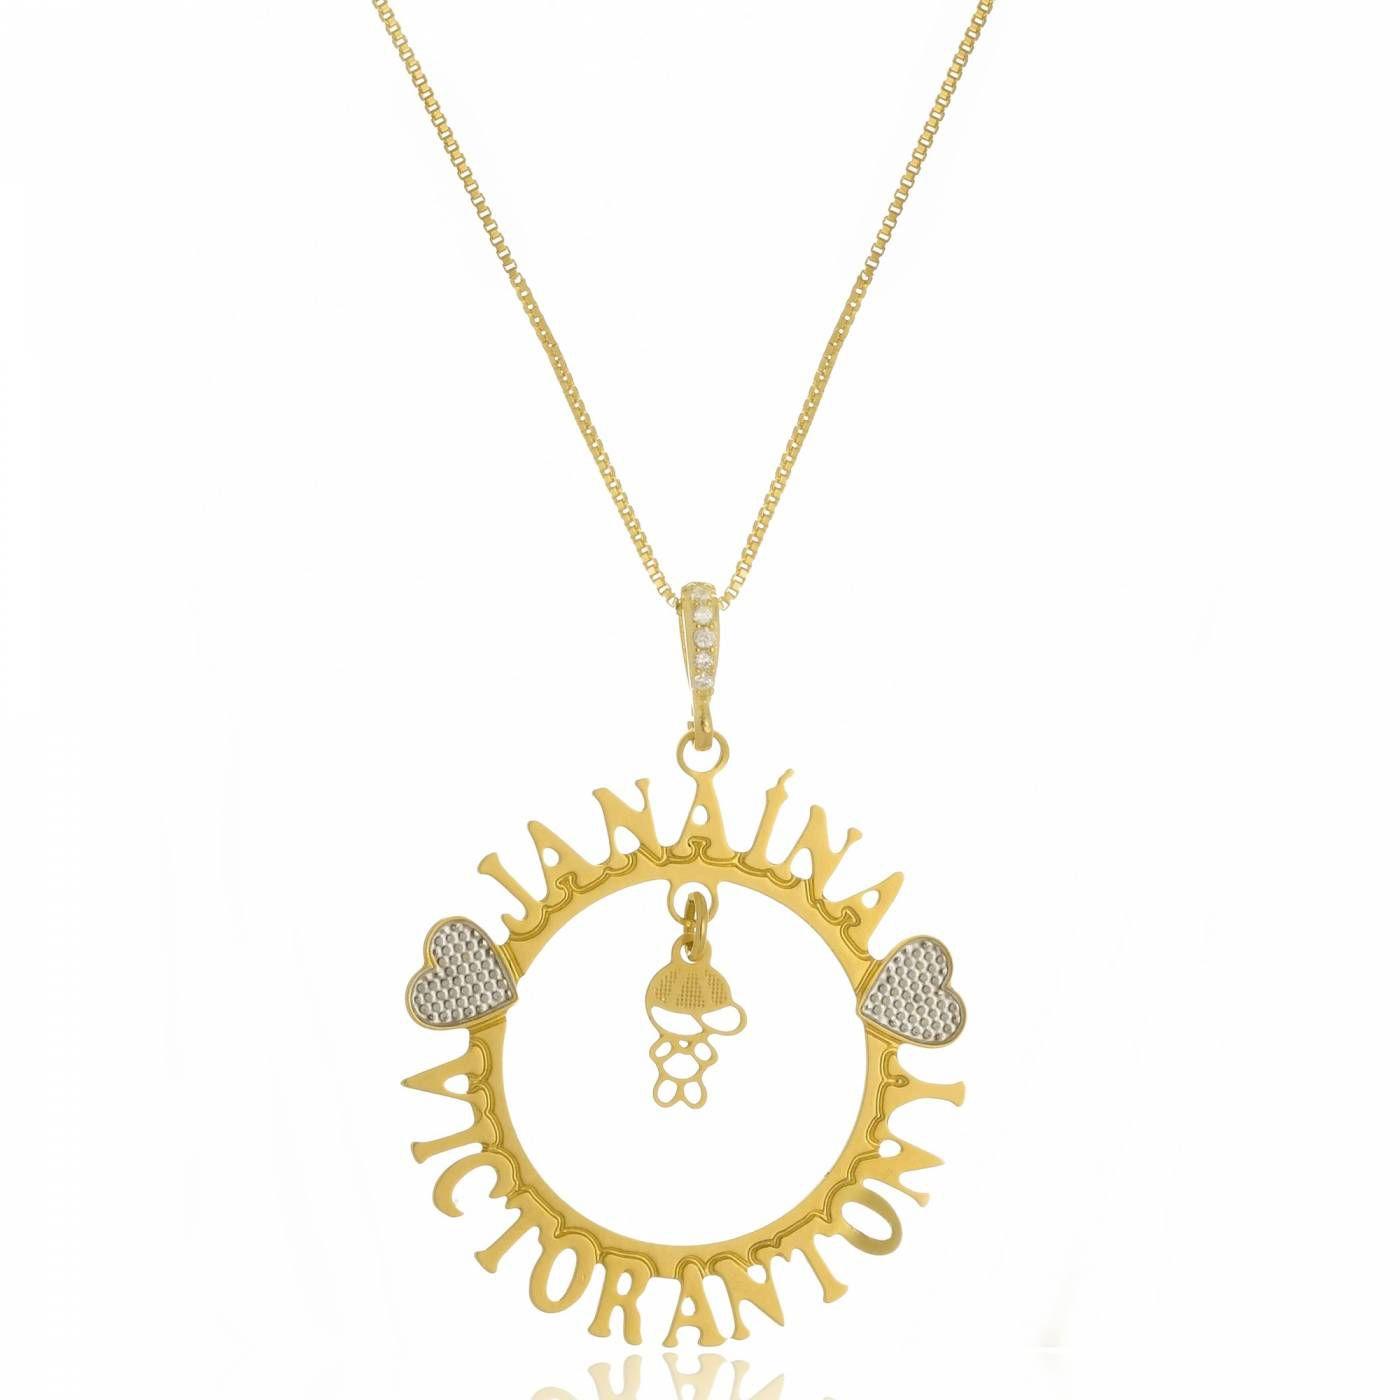 Colar Mandala Personalizado com Um Pingente Folheado a Ouro 18K